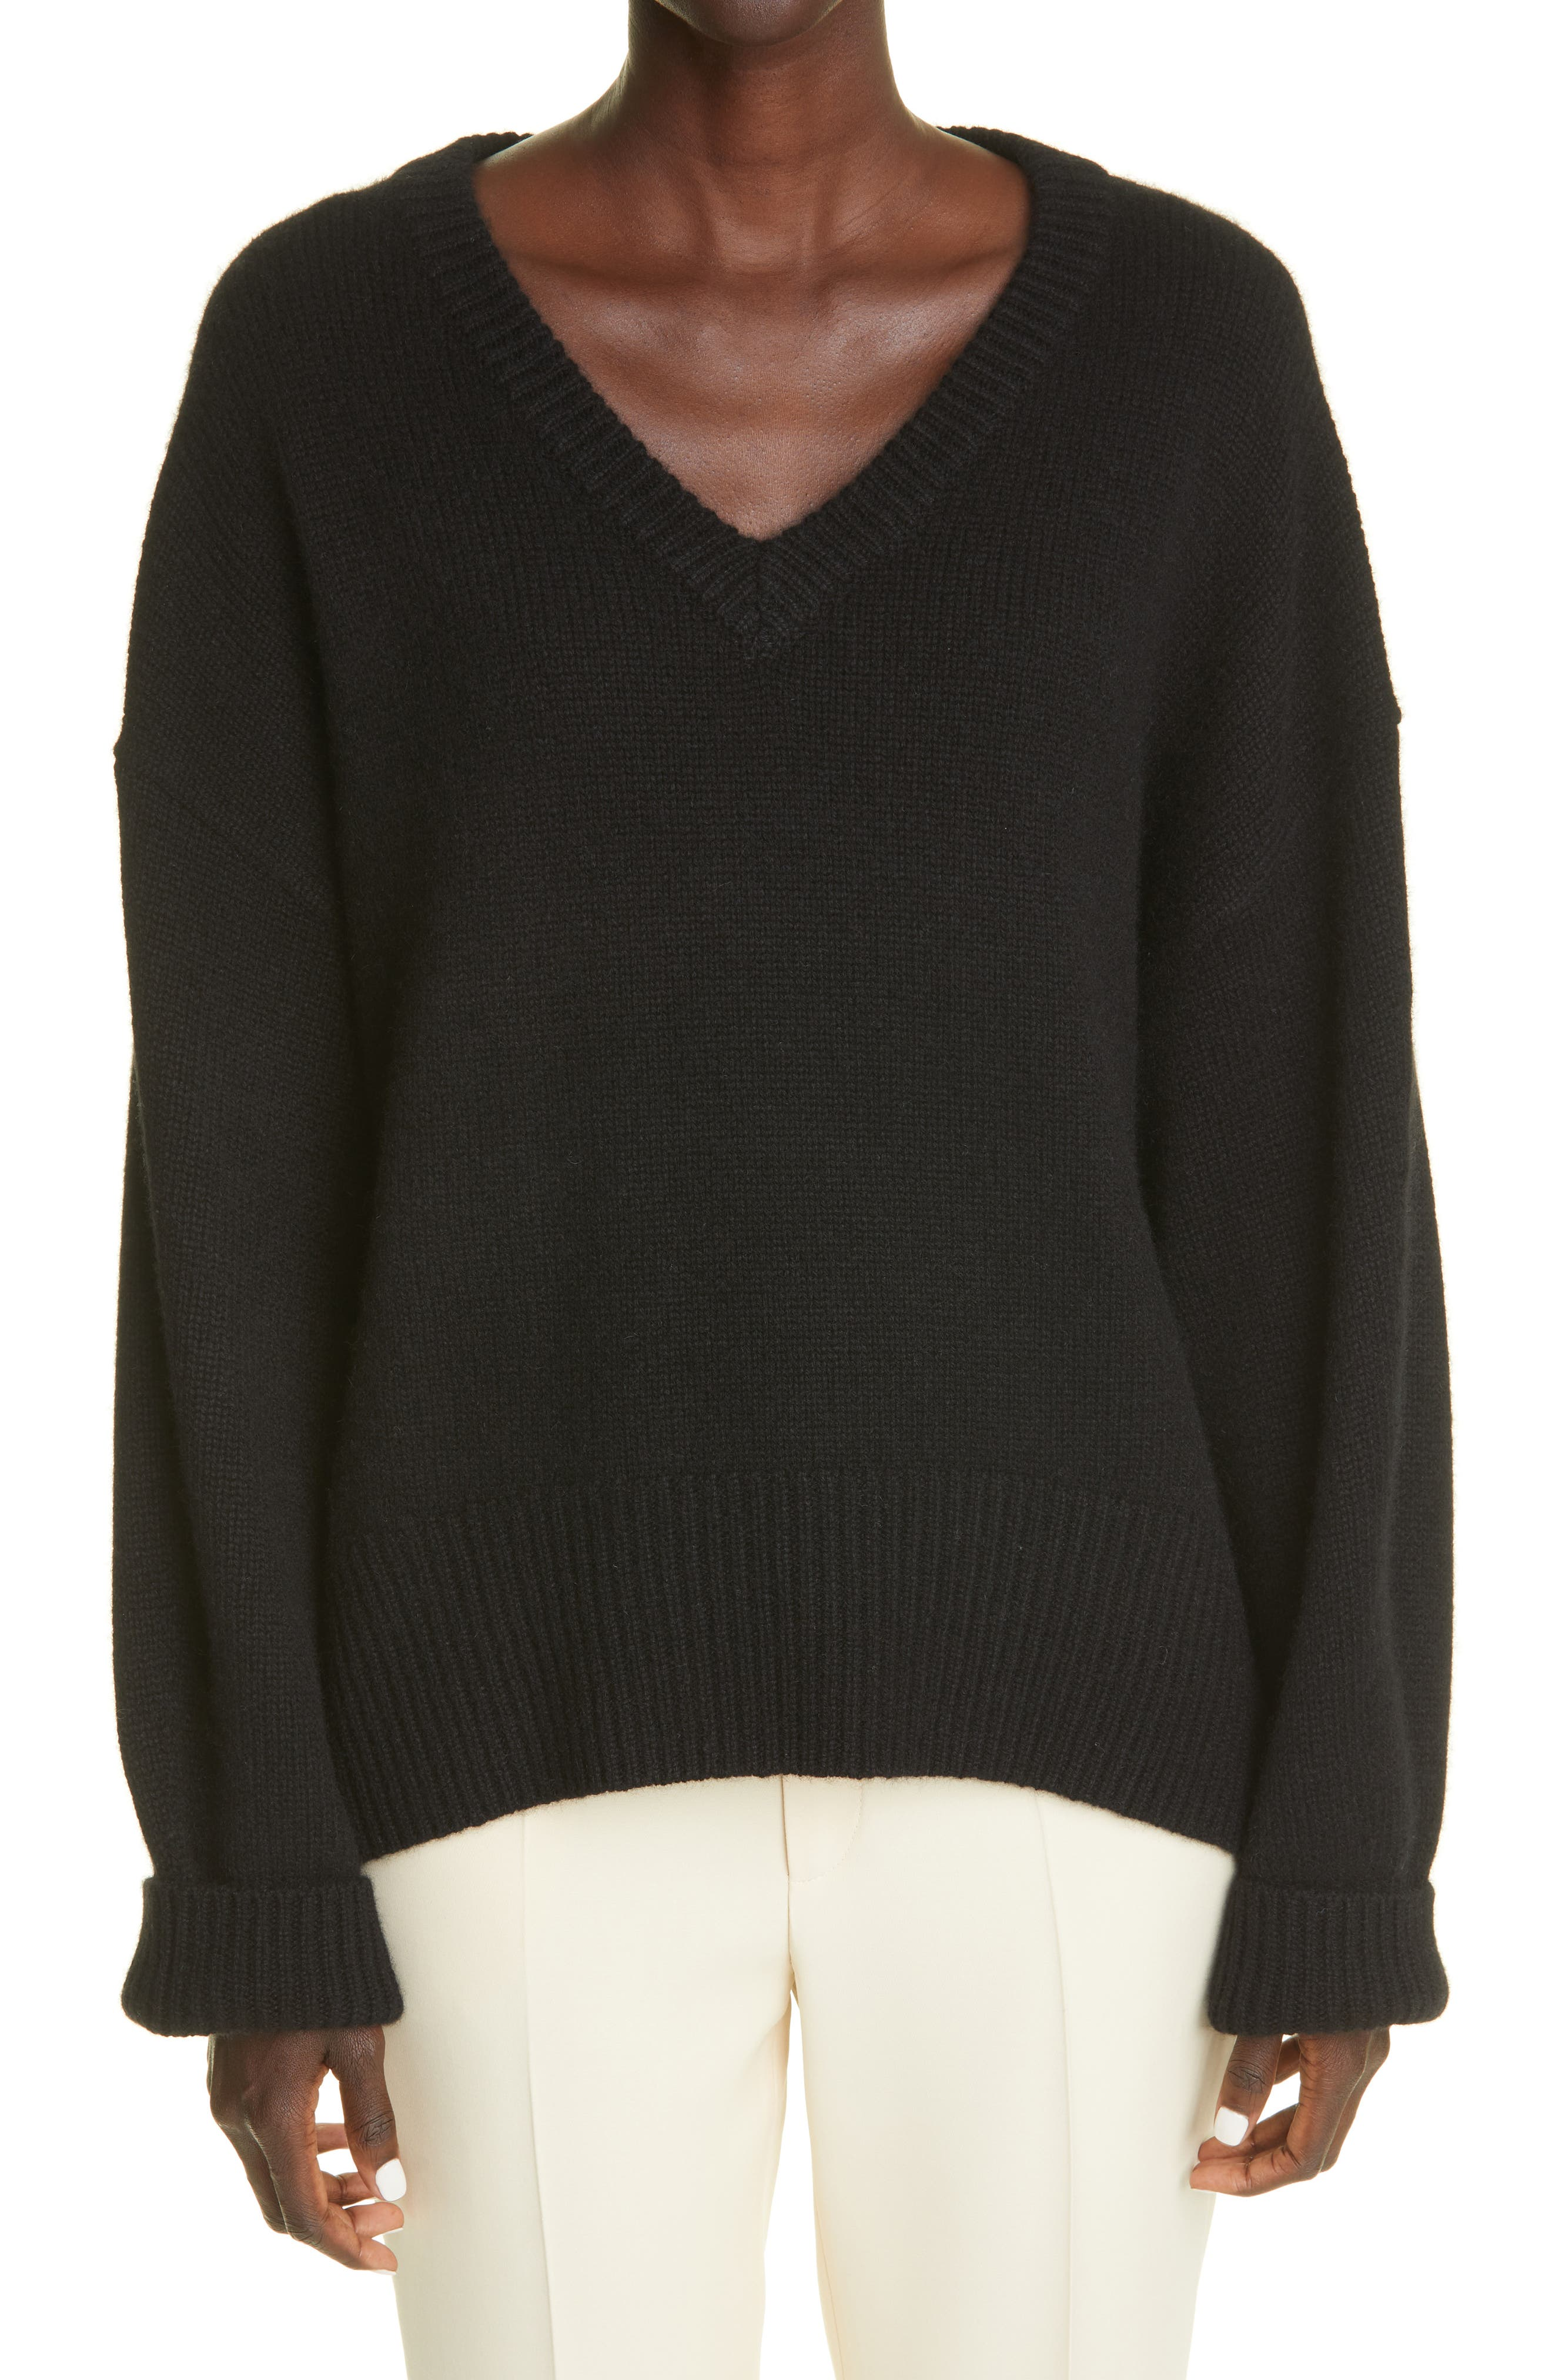 Battersea Oversize Cashmere Sweater